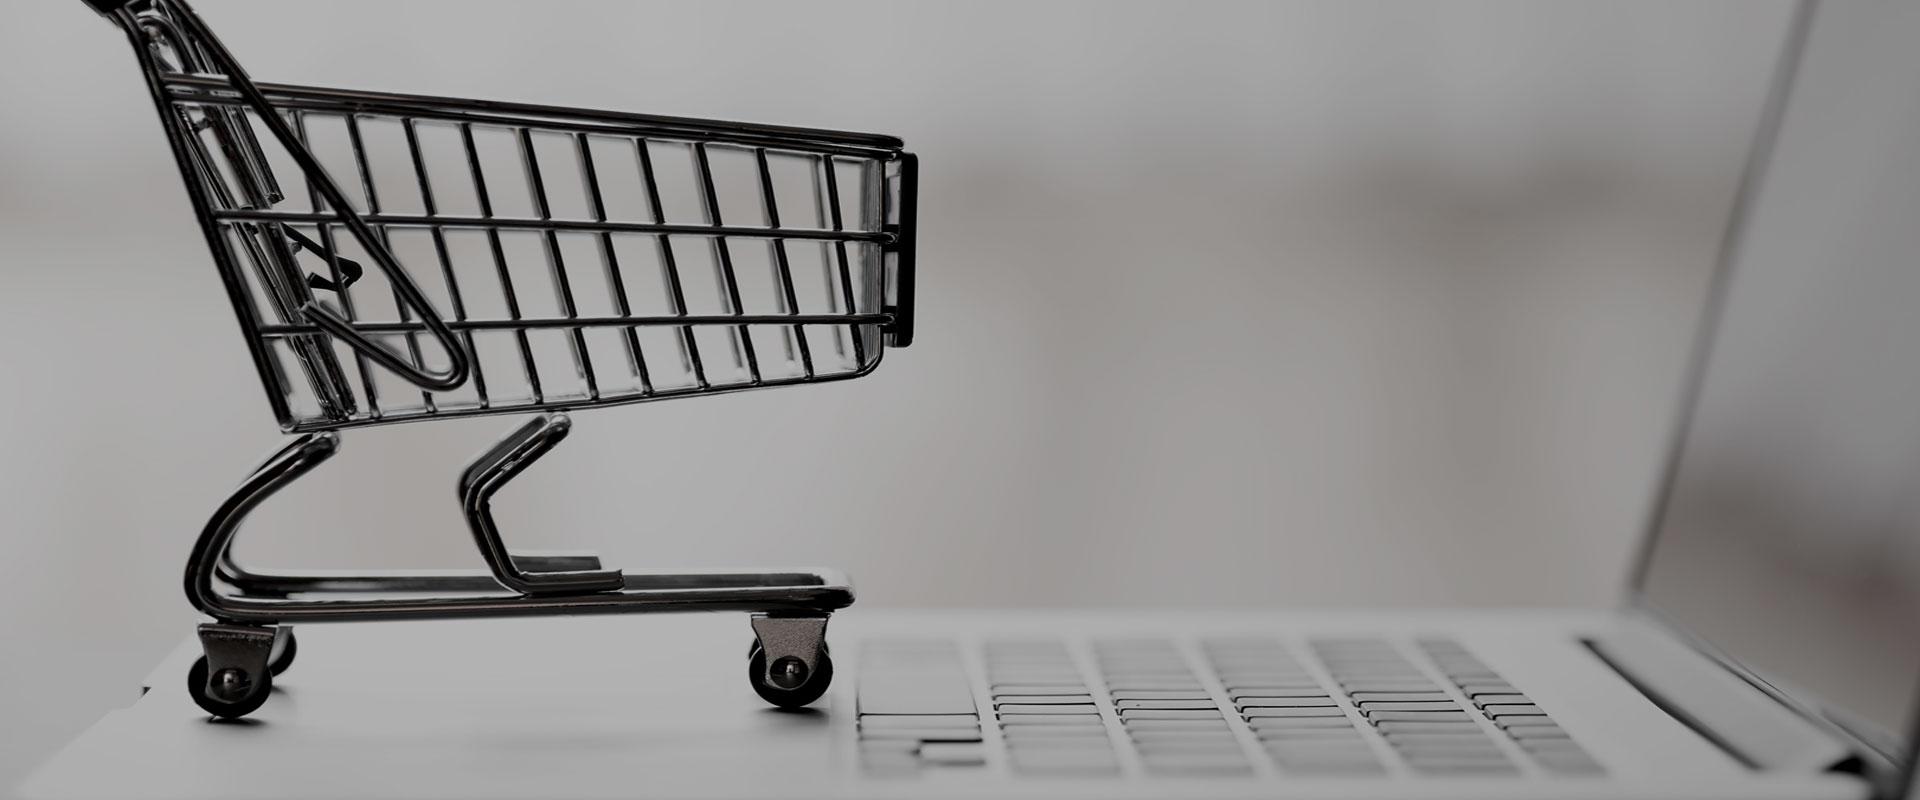 E-ticaret İhtiyaçlarınıza Basit ve Ekonomik Çözümler…